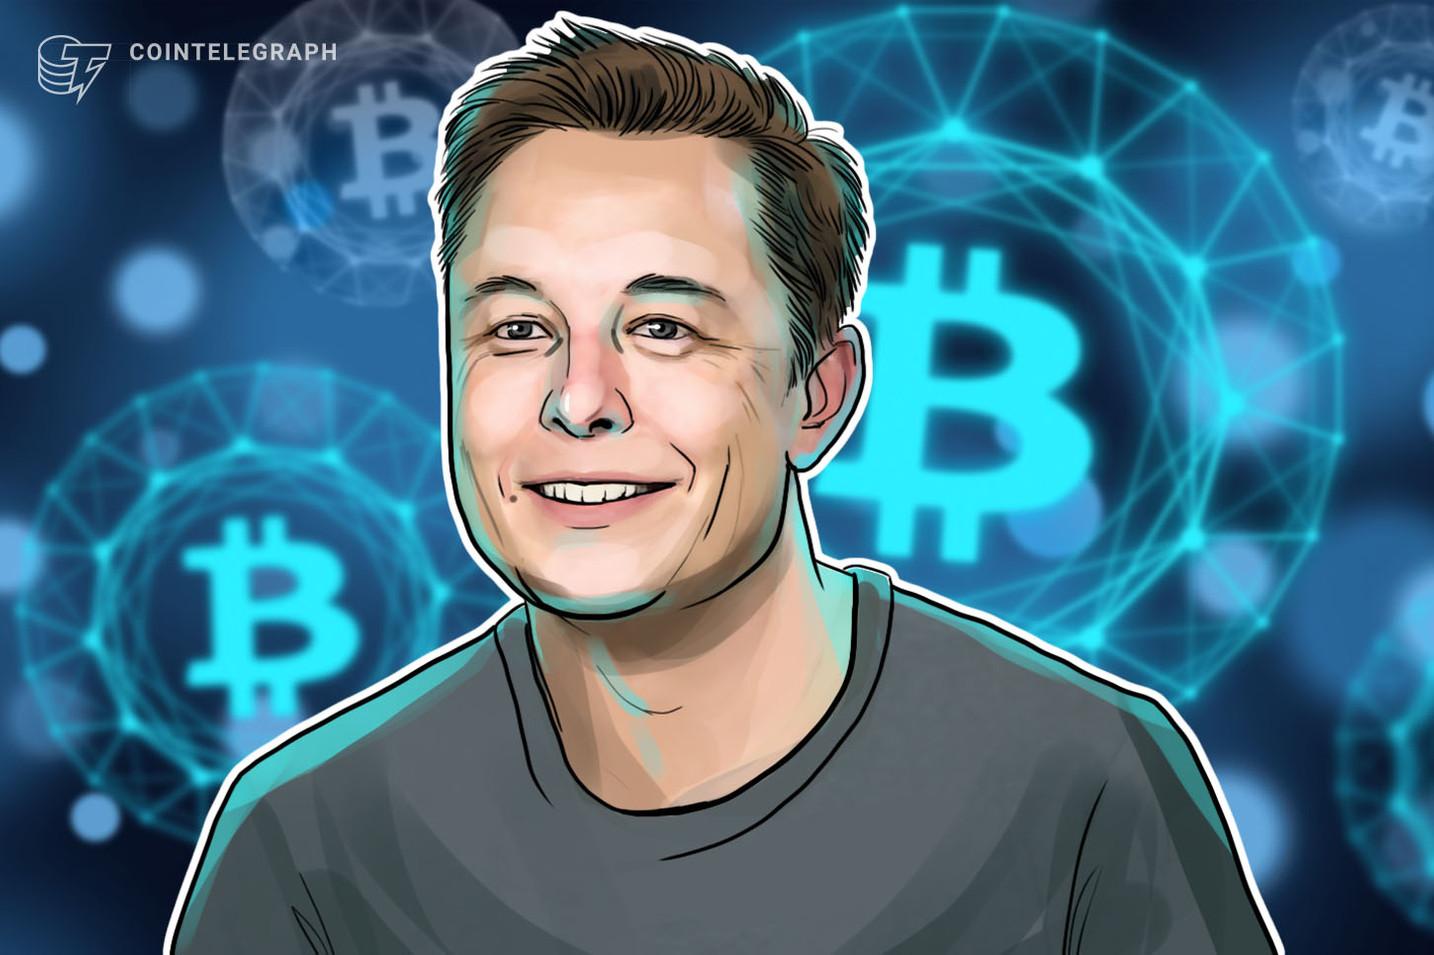 Golpe usa Elon Musk para roubar R$ 860 mil em Bitcoin enganando vítimas com a promessa de lucro de 100%